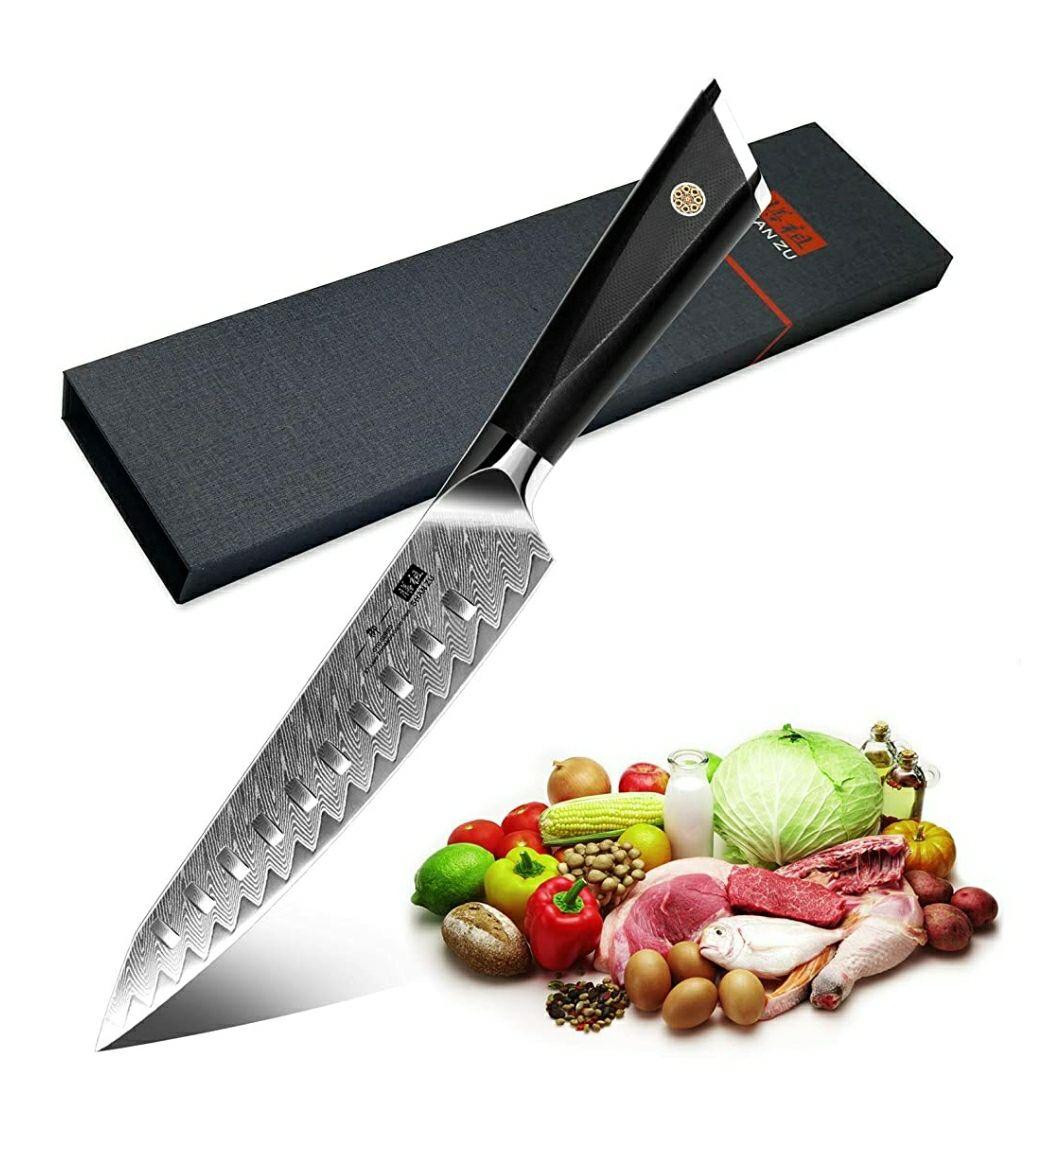 Couteau de cuisine à viande Shan Zu AUS-10 (vendeur tiers)